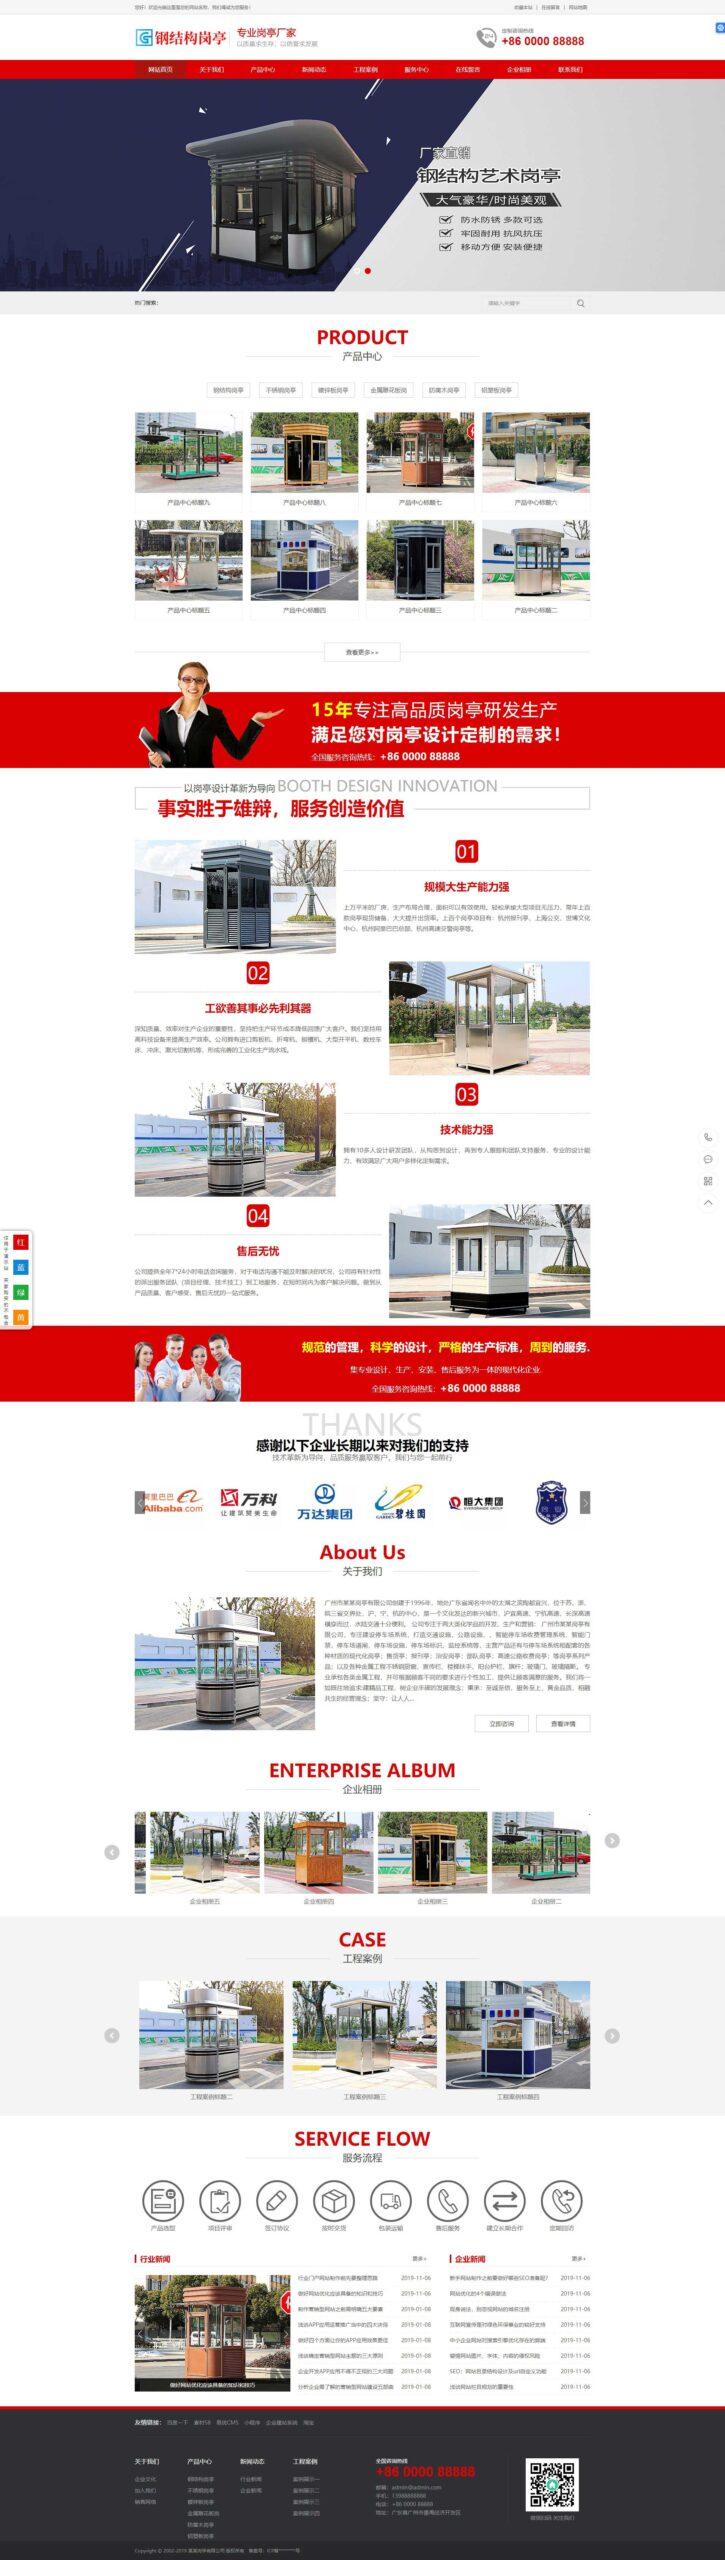 钢结构岗亭企业网站织梦dede模板源码[带手机版数据同步]插图